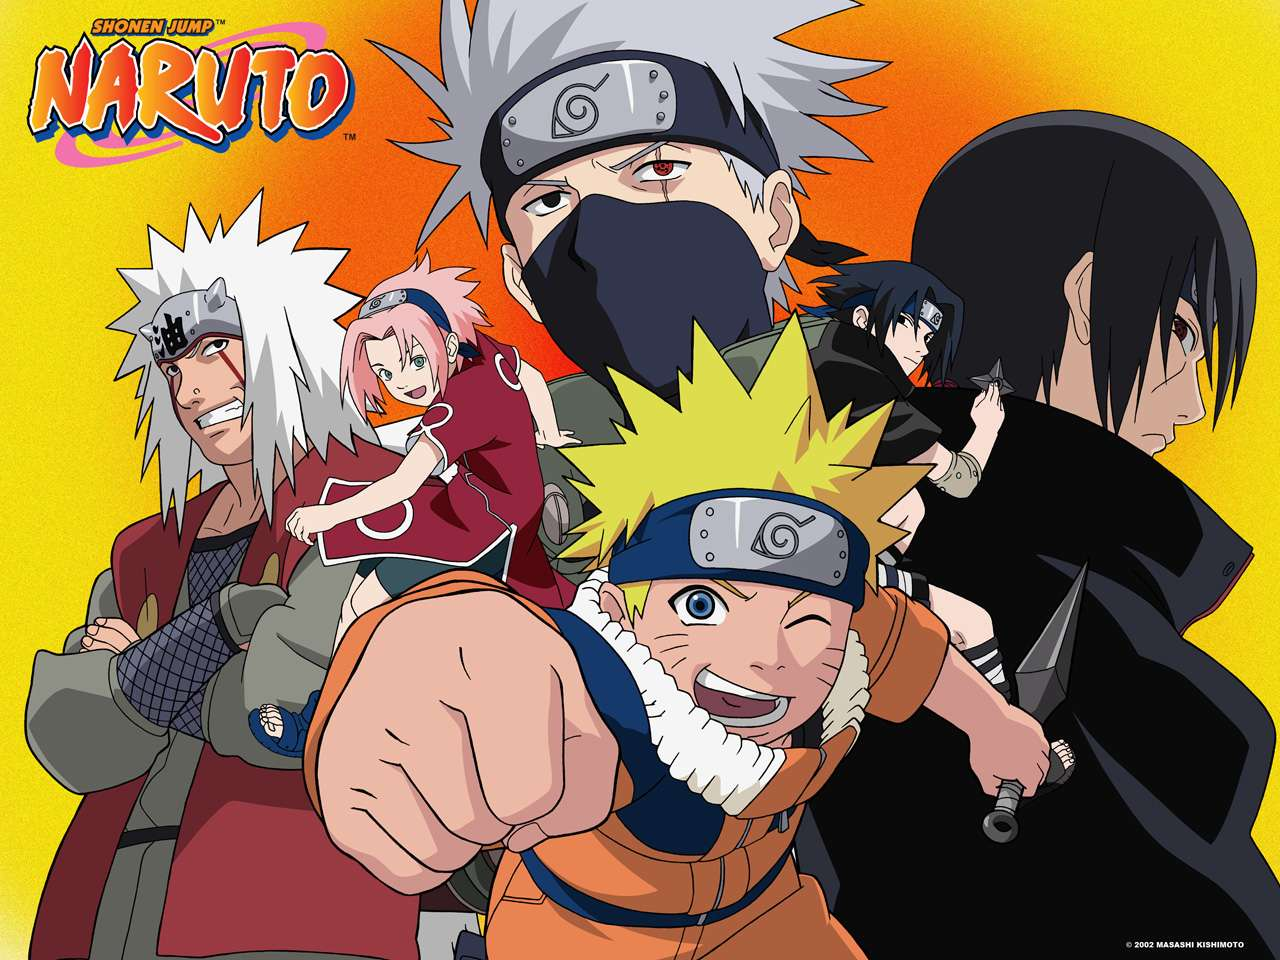 Naruto00.